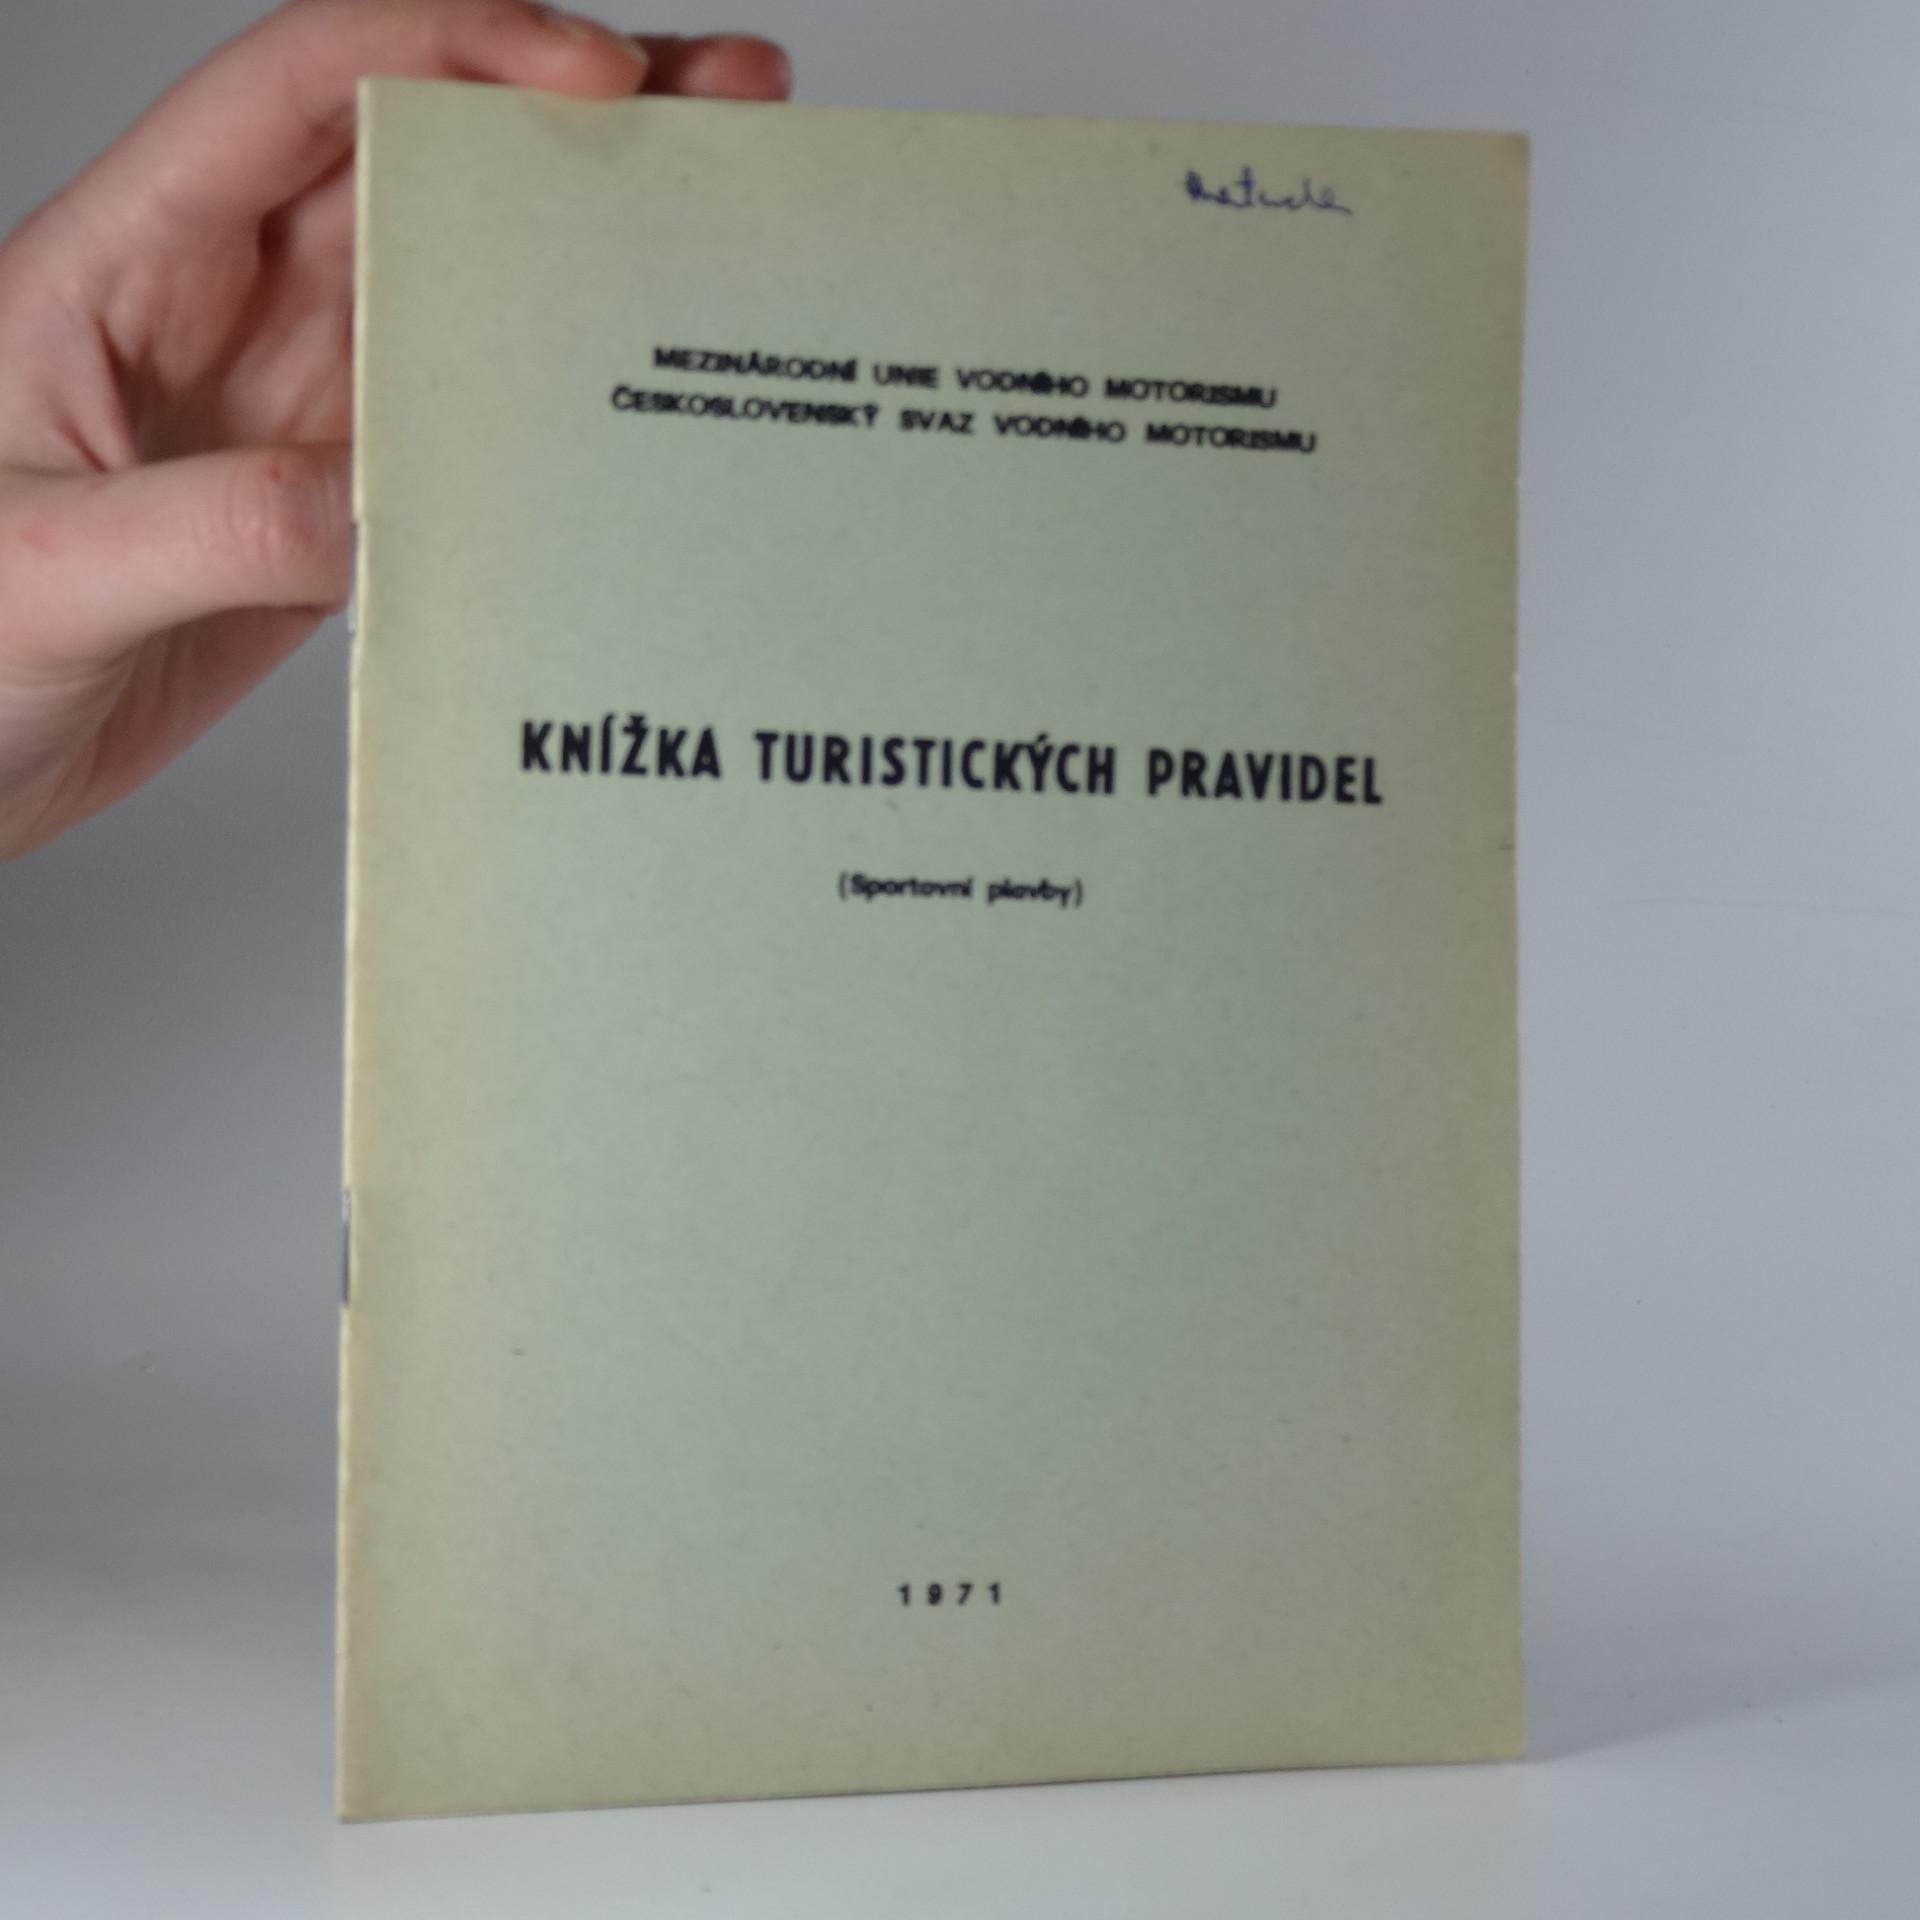 antikvární kniha Knížka turistických pravidel. Sportovní plavby., 1971